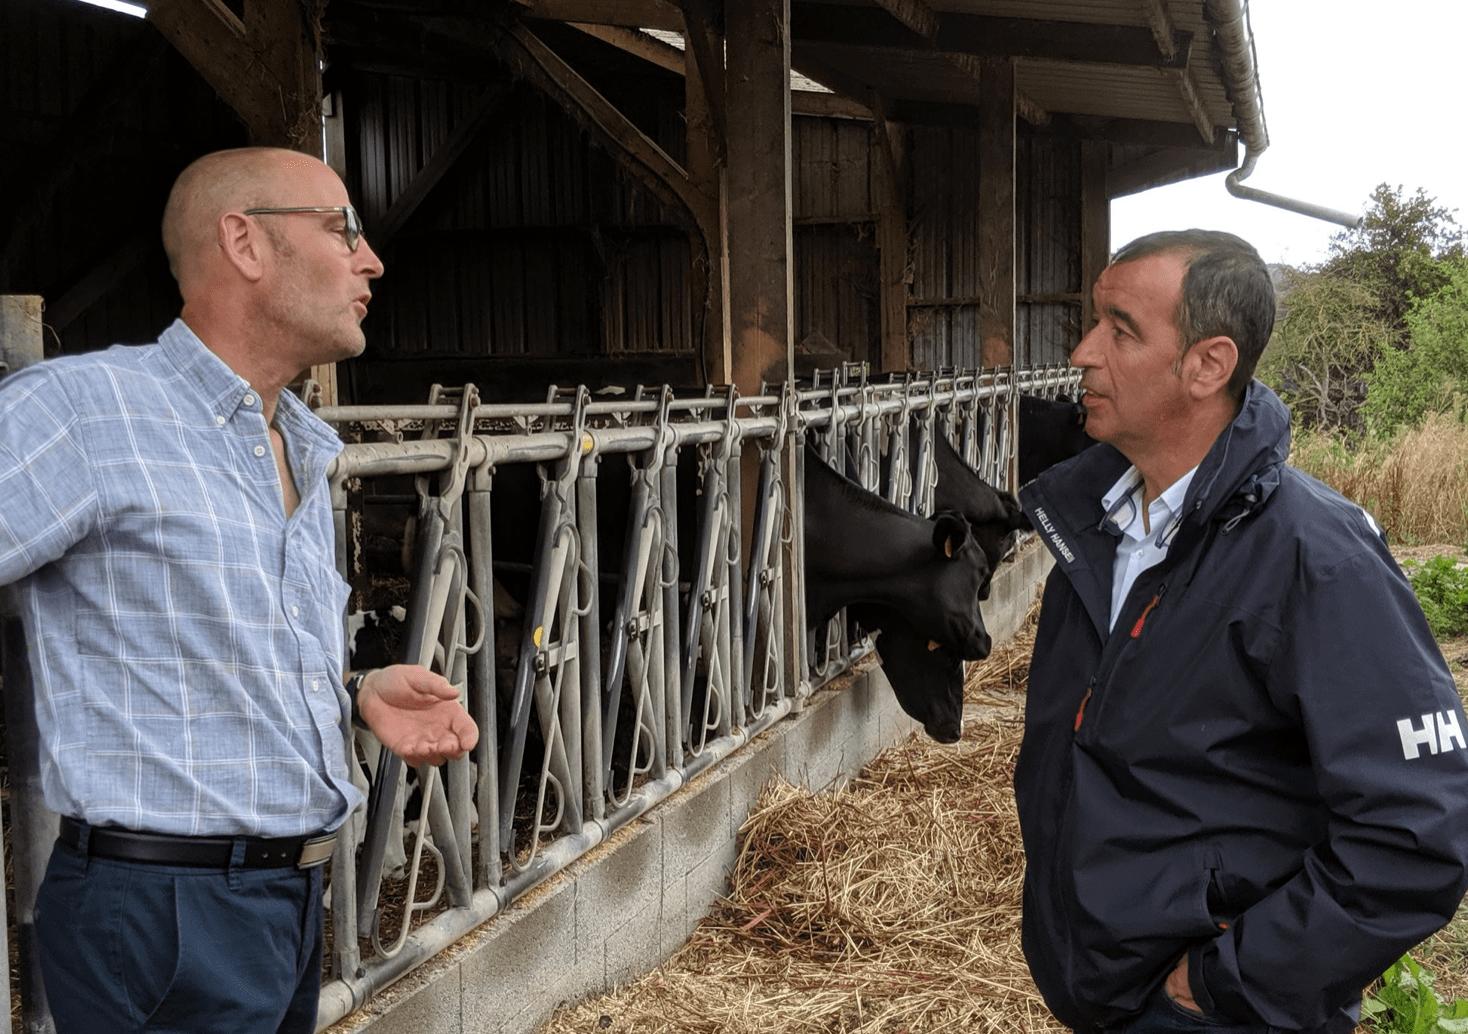 France 3 Bretagne : Eric Bothorel s'explique sur son vote en faveur du Ceta